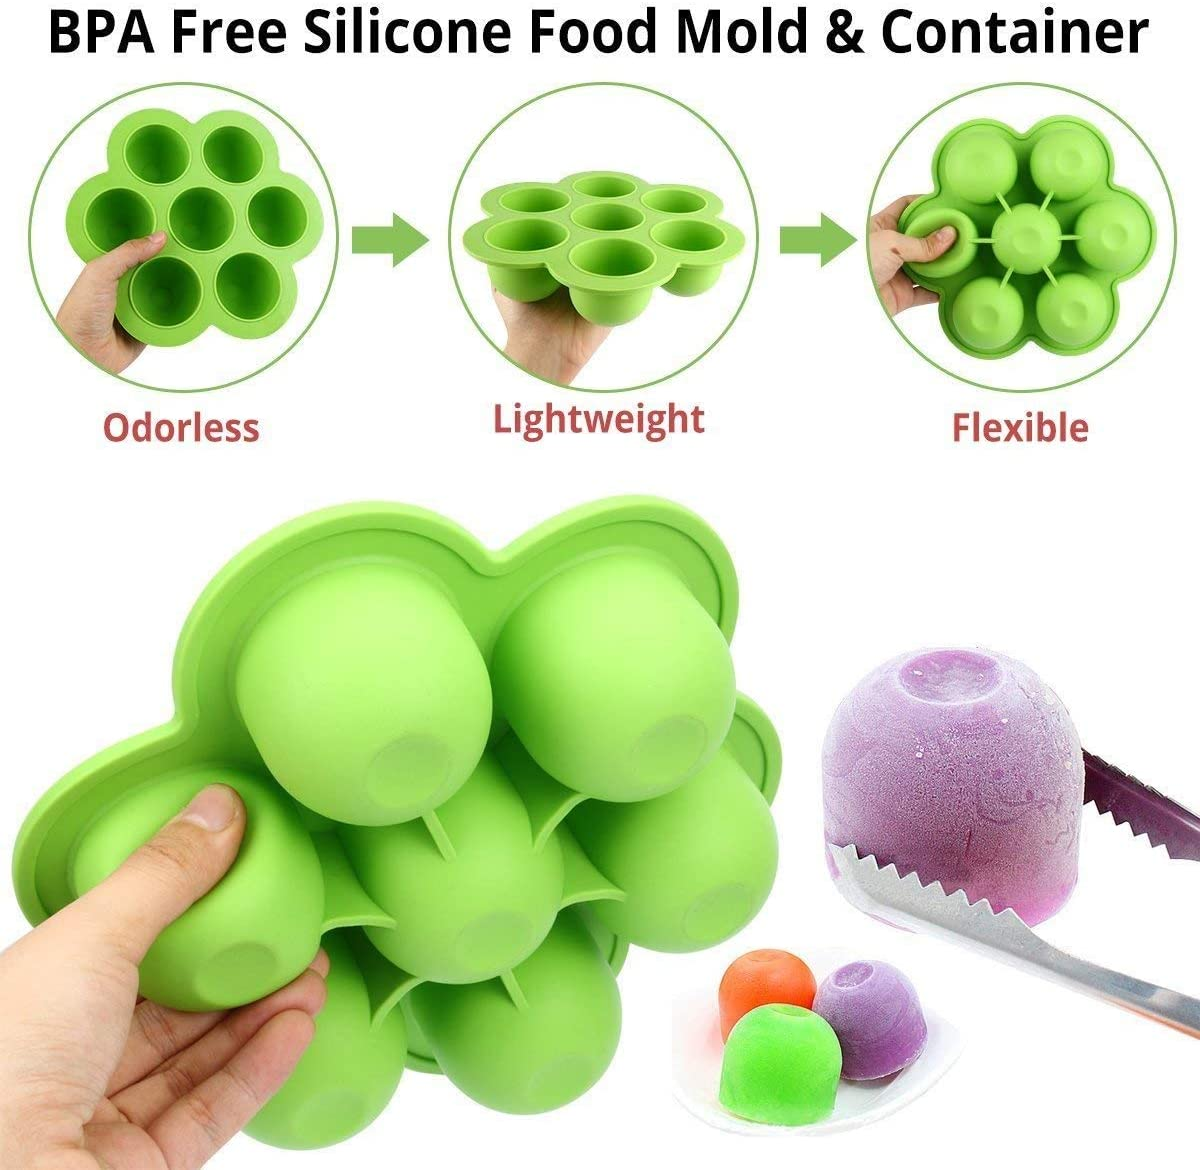 boite repas compartiment pot conservation b/éb/é Facile /à remplir et /à nettoyer /écologique et z/ér Bac silicone cong/élation pour repas b/éb/é 7 portion silicone b/éb/é ツ Smile/&Green 2